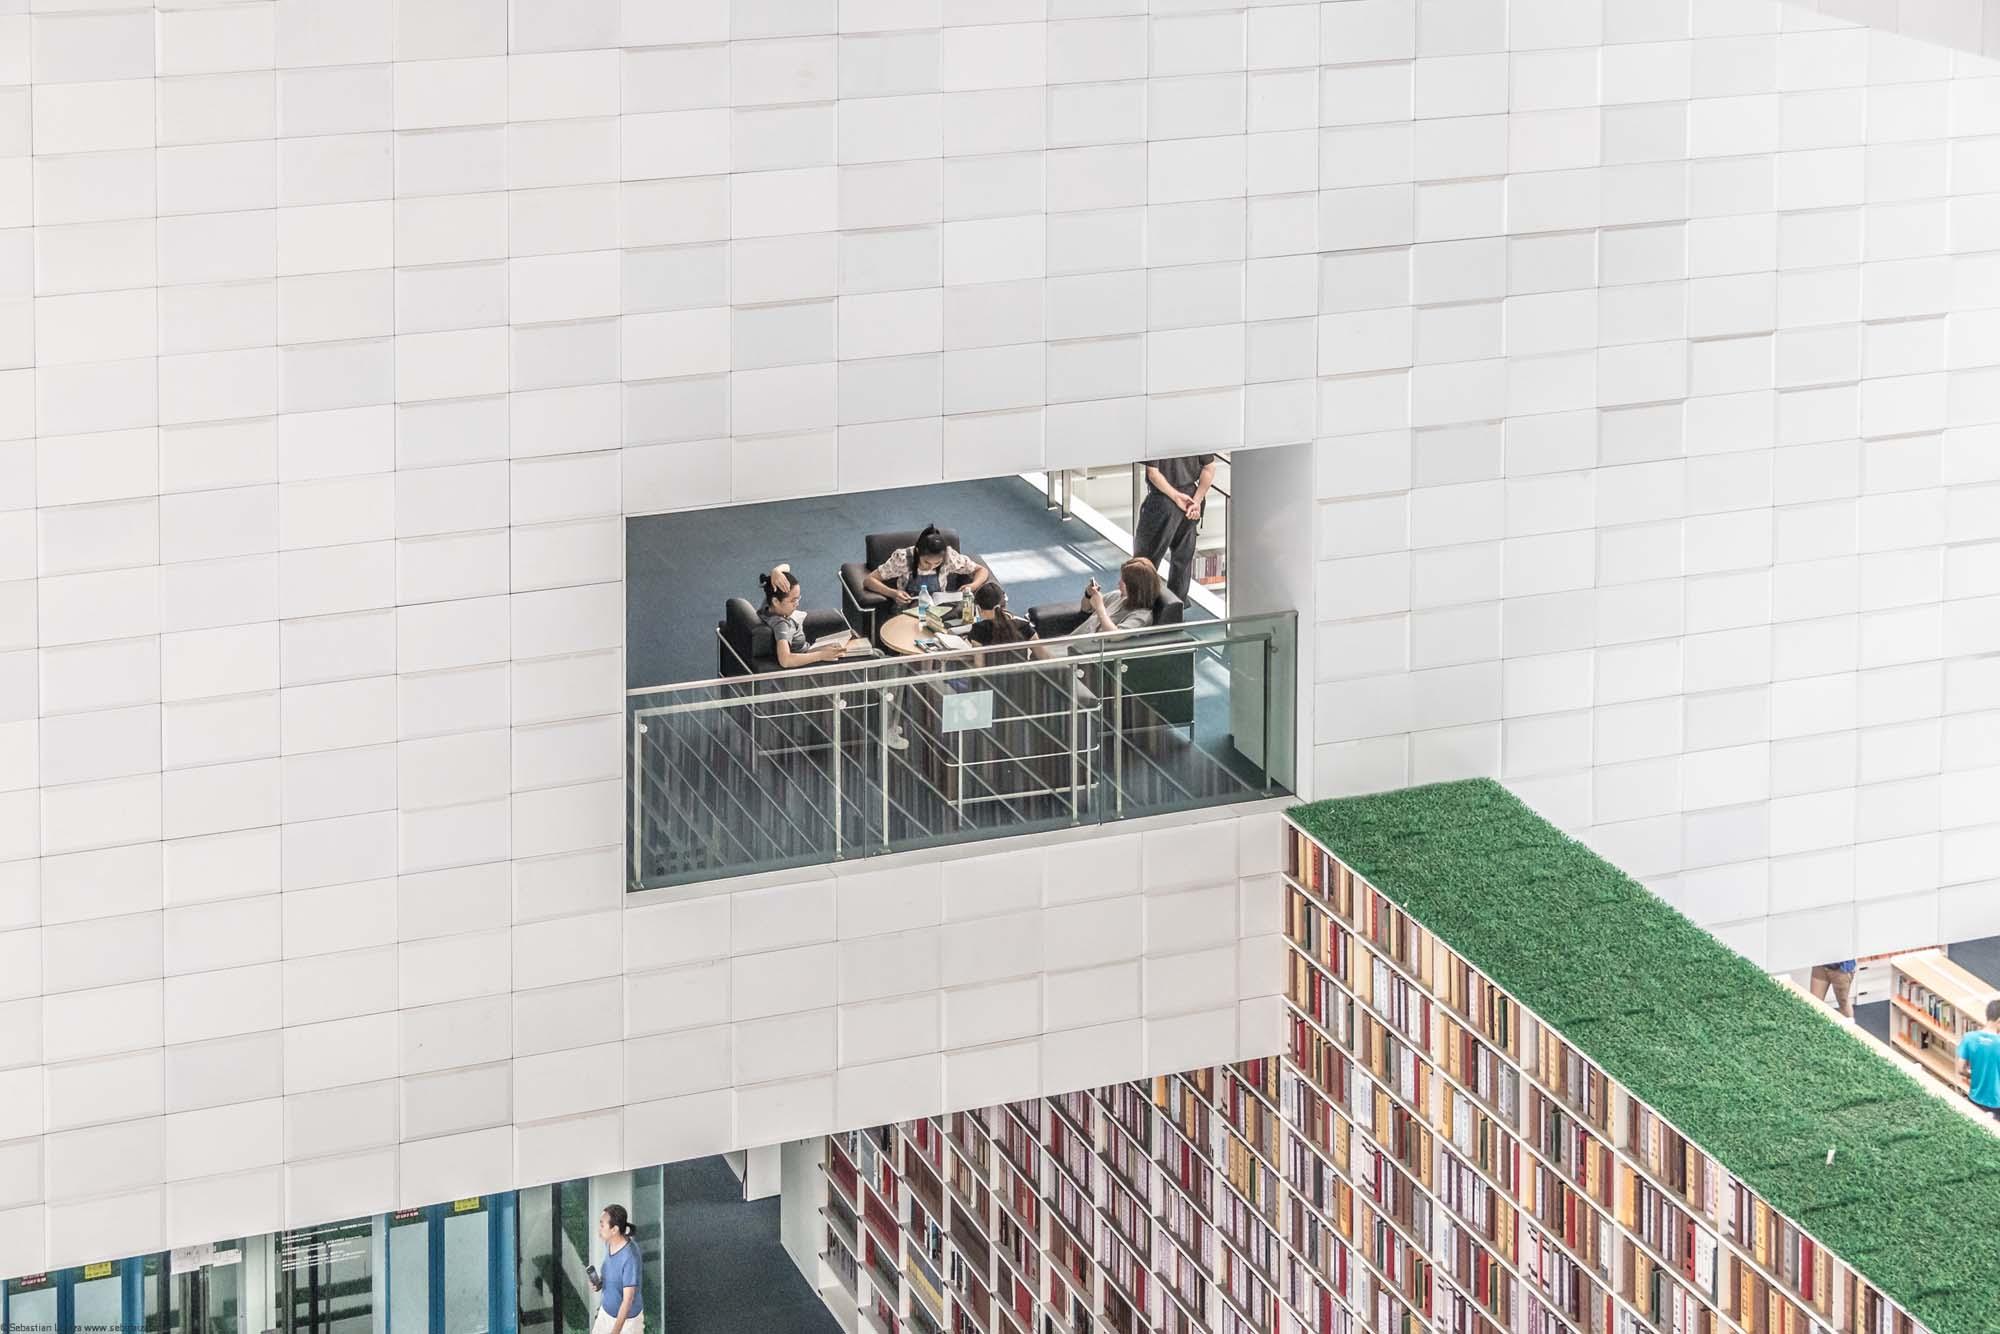 Tianjin Library by Riken Yamamoto